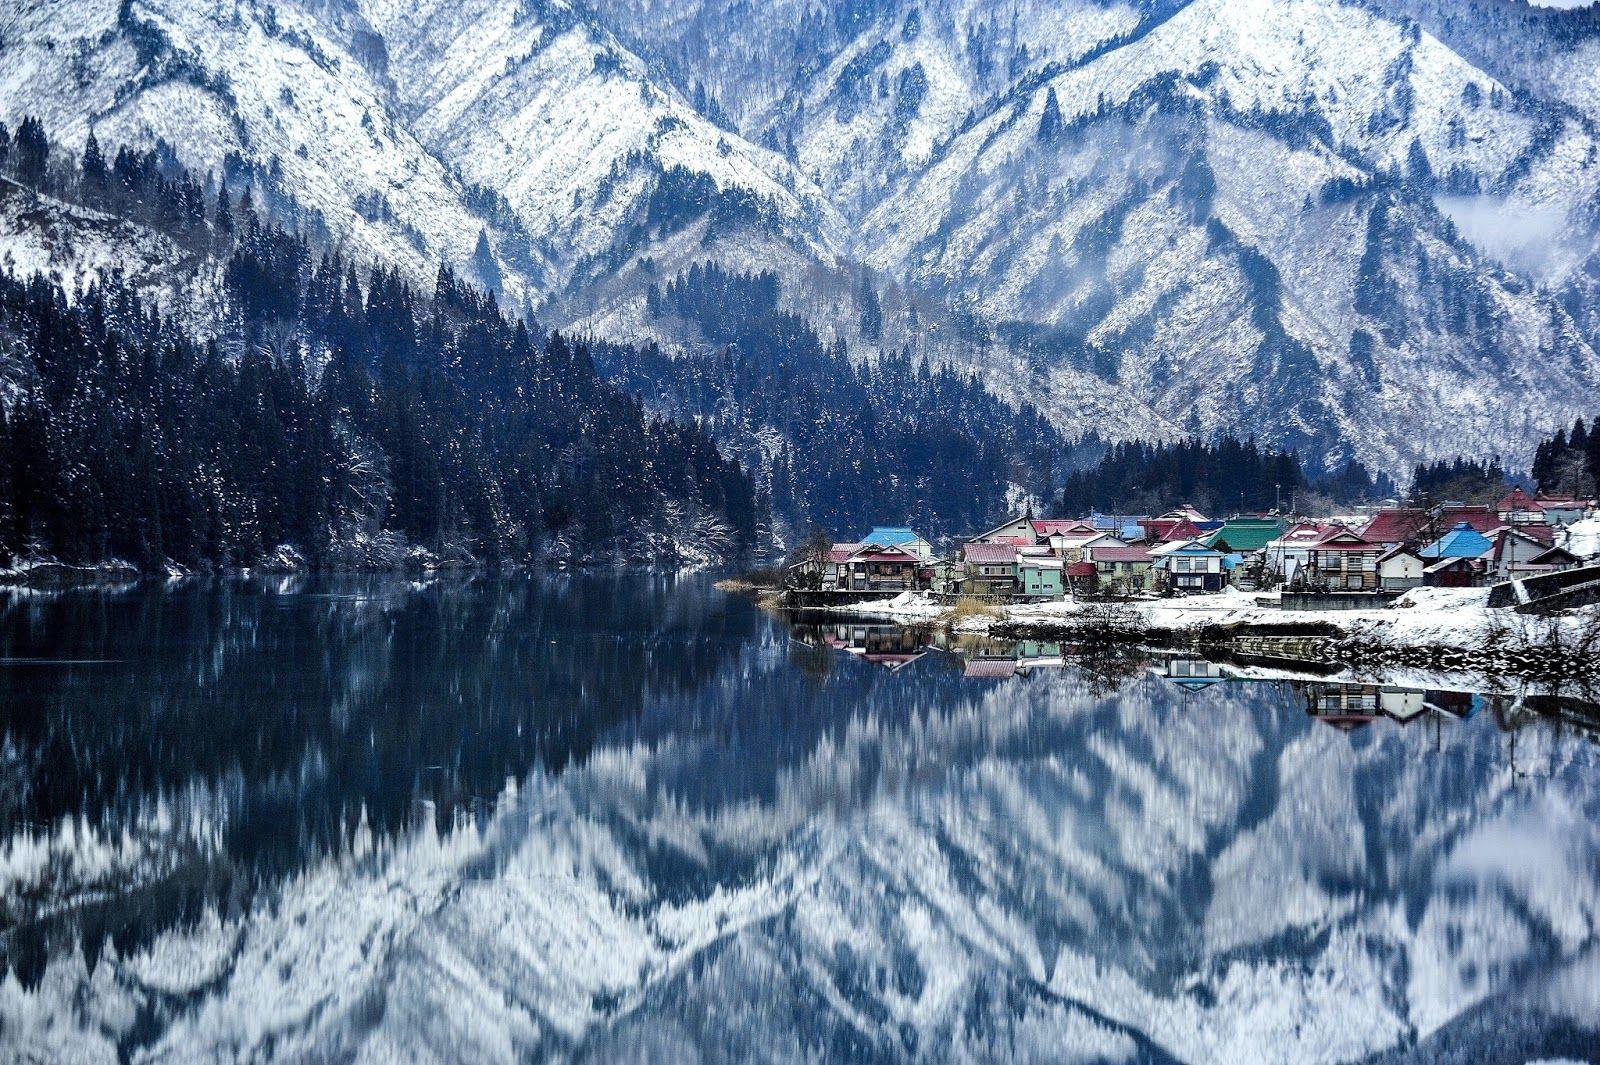 بالصور صور عن الشتاء , اجمل الصور لفصل الشتاء 6053 9